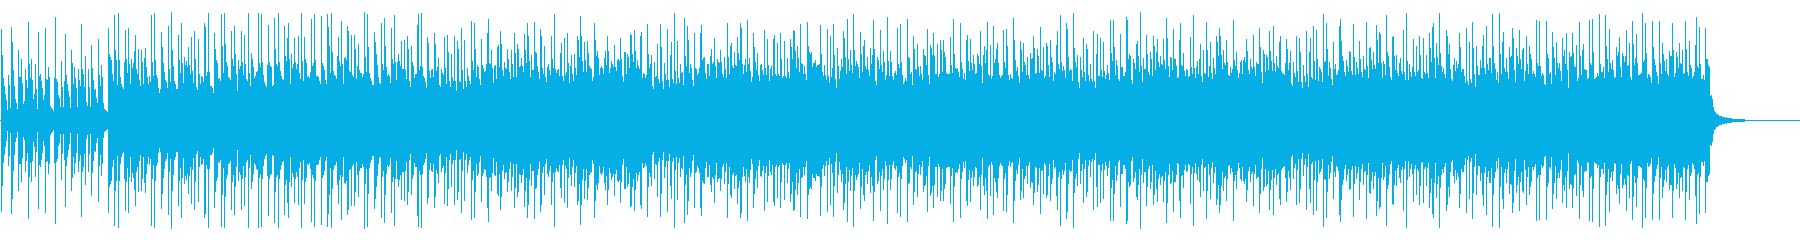 元気で明るいピアノポップ/クラップ/応援の再生済みの波形